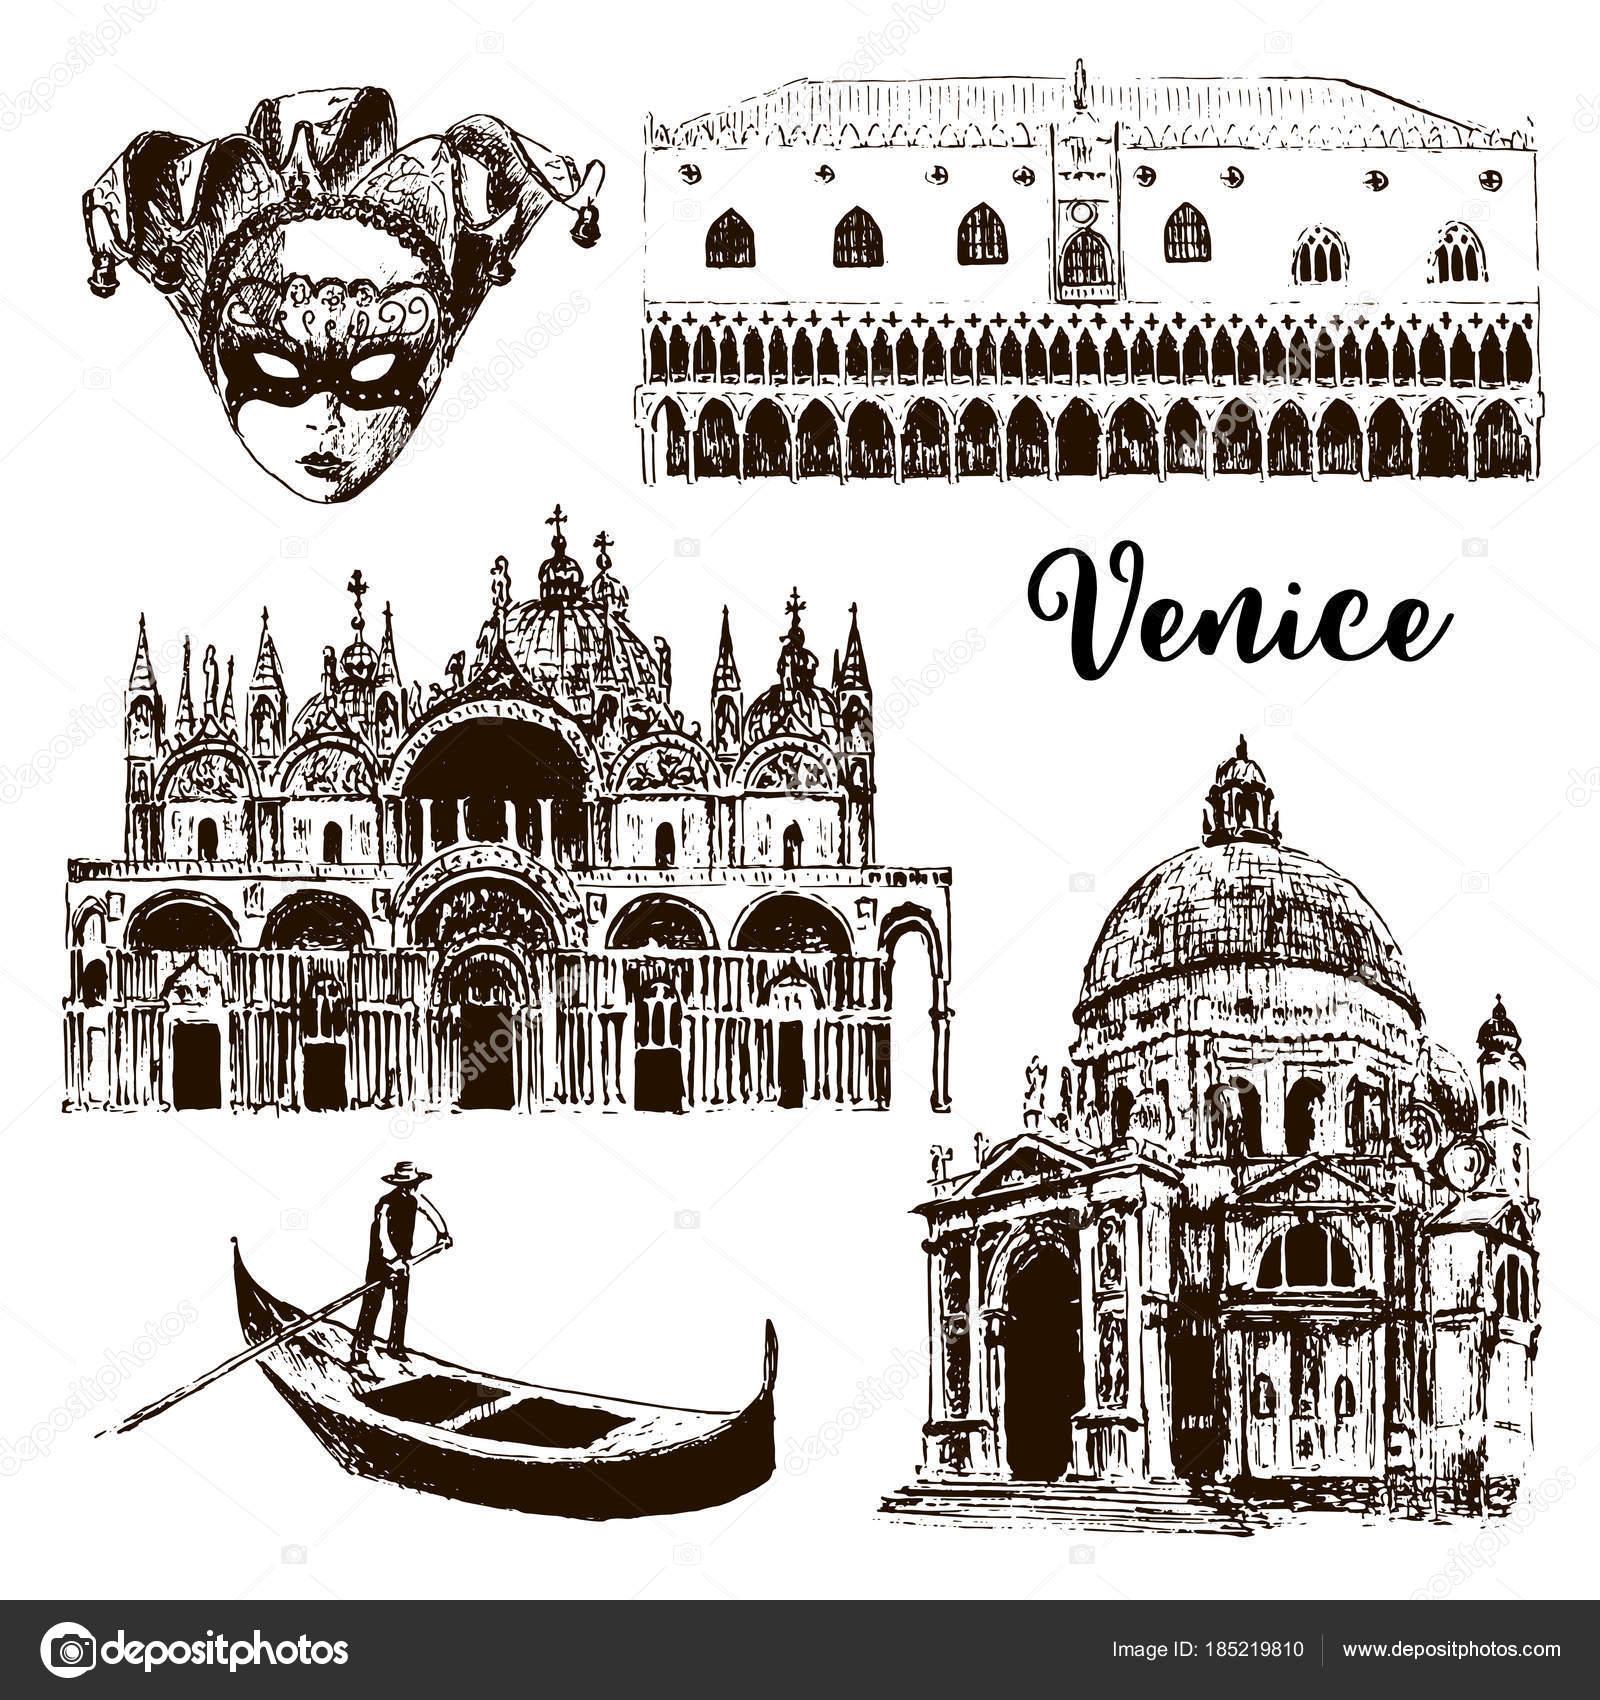 Venice architectural symbols: Carnival mask, palazzo, basilica, San ...